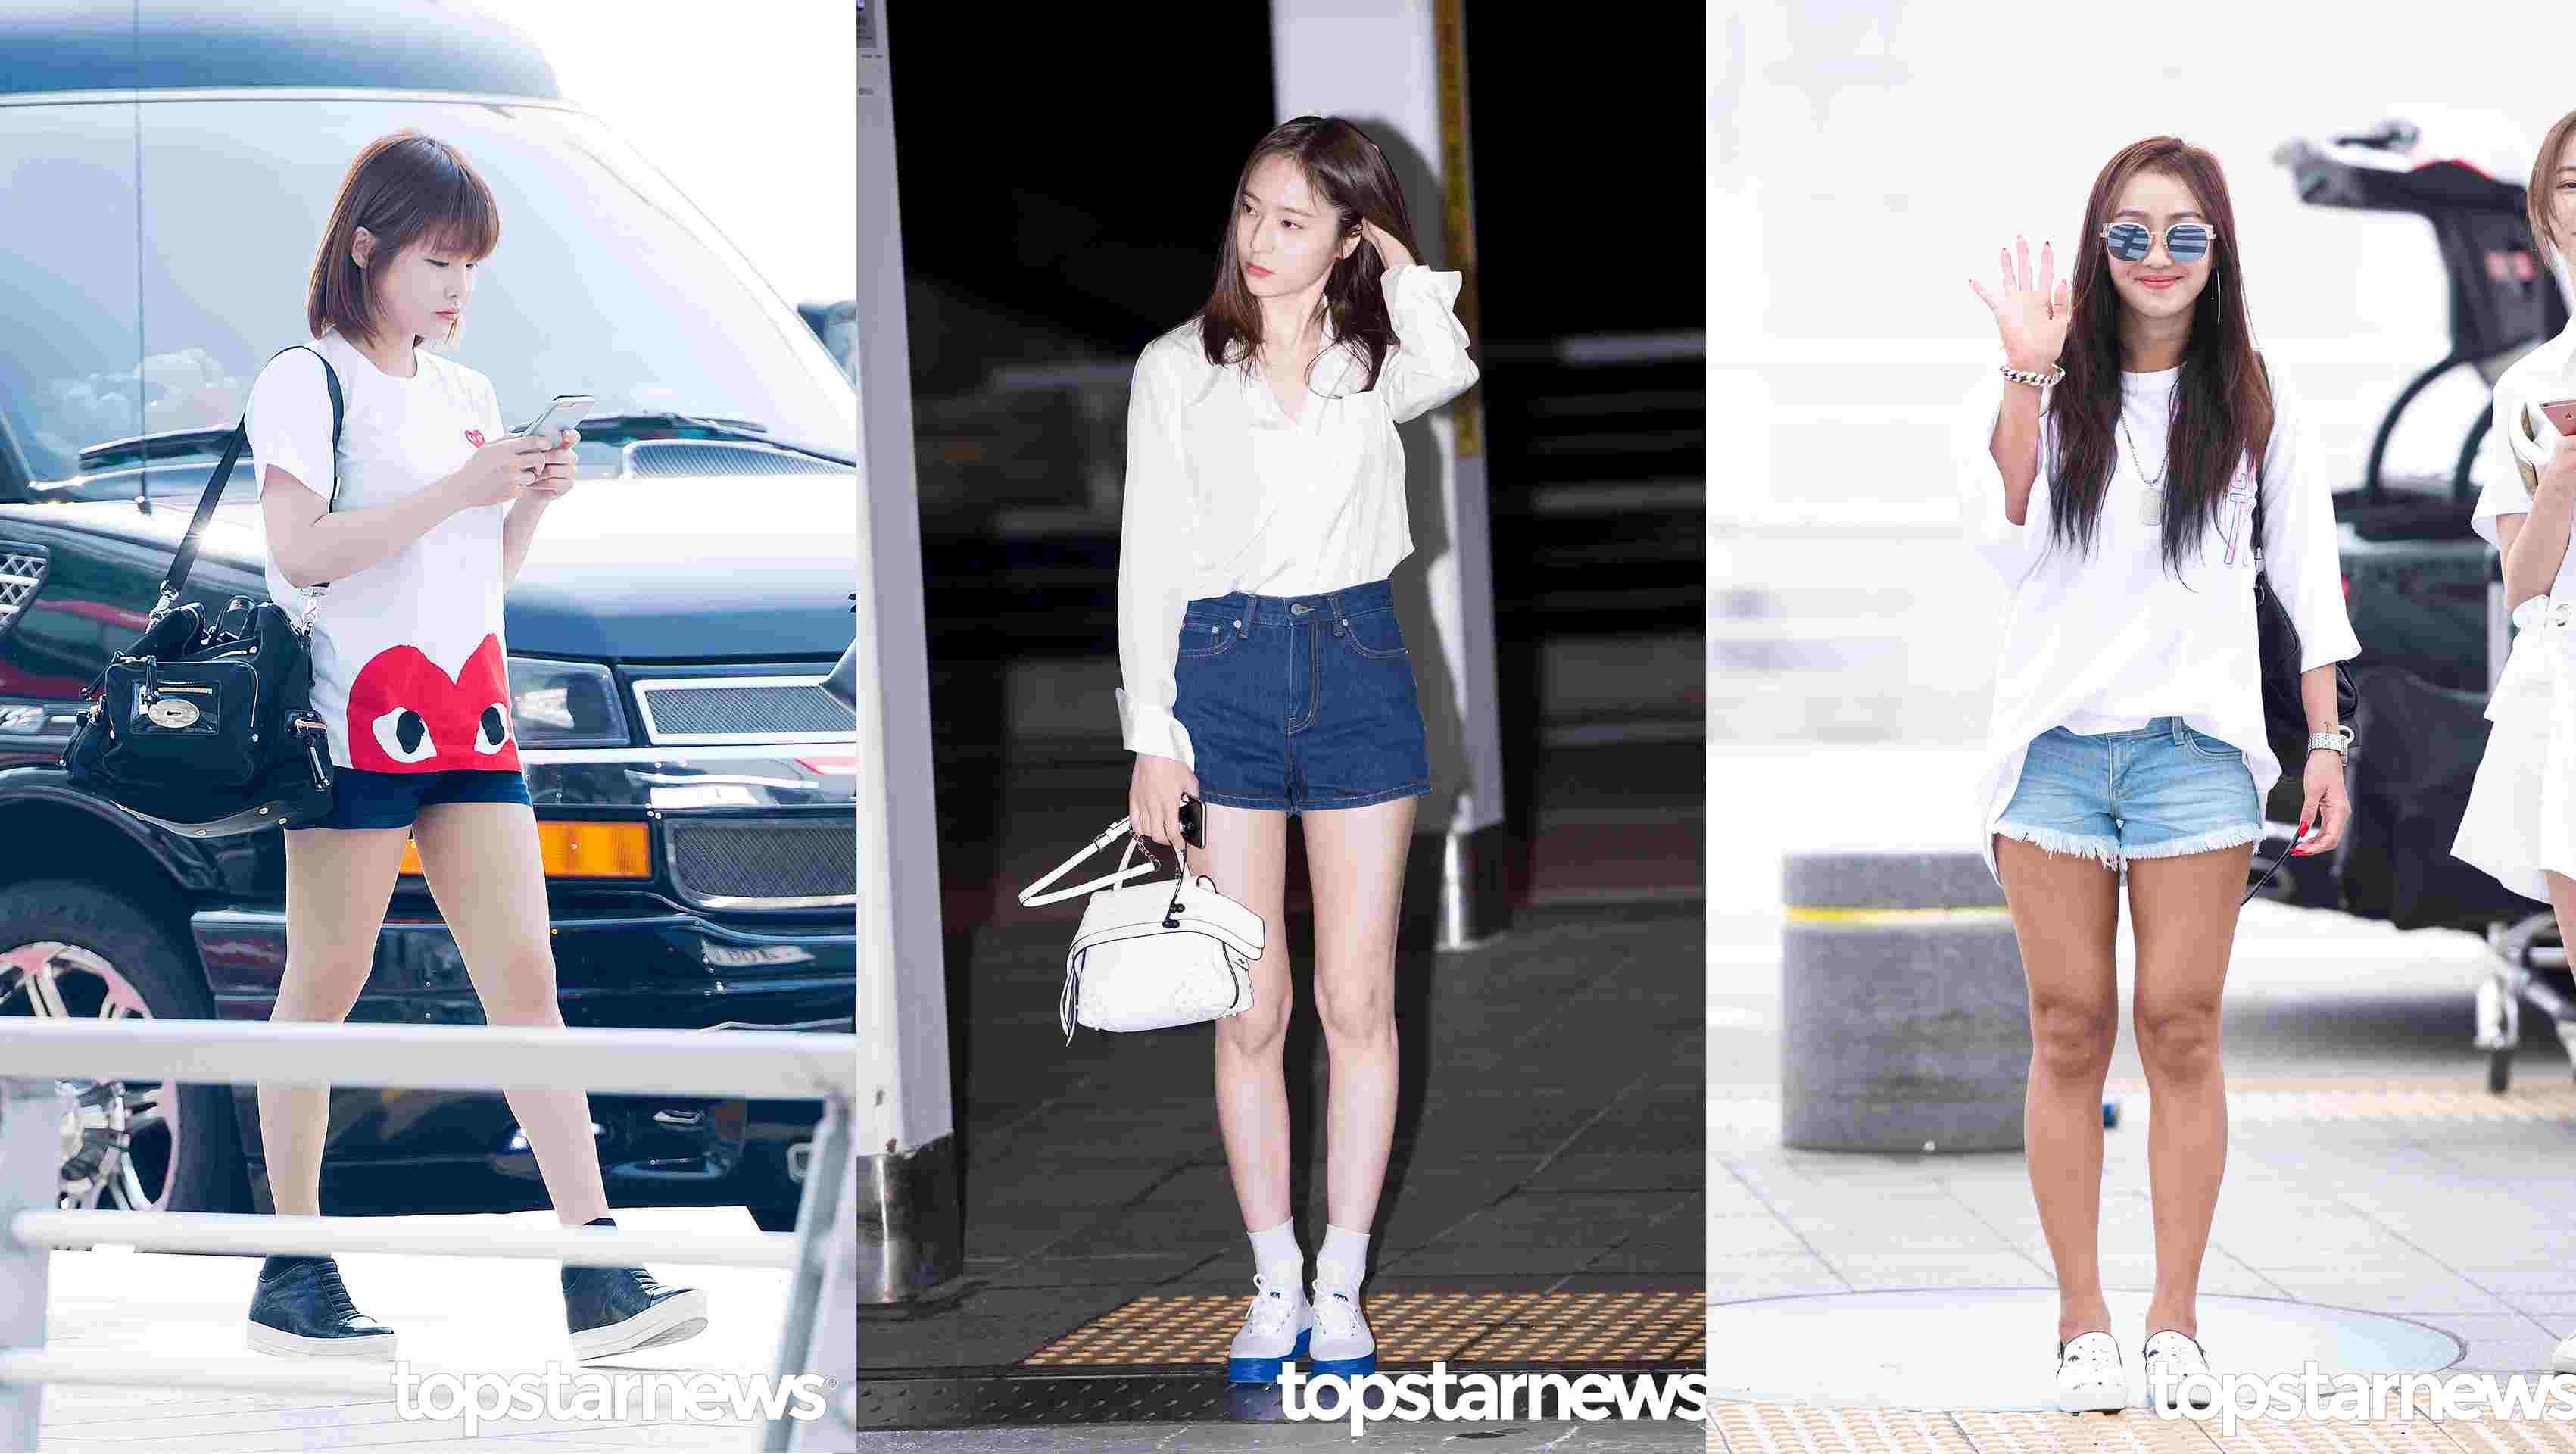 夏天就是要穿短褲啊!而且超百搭,除了配T-shirt,像Krystal一樣配襯衫也很不錯喔:-O